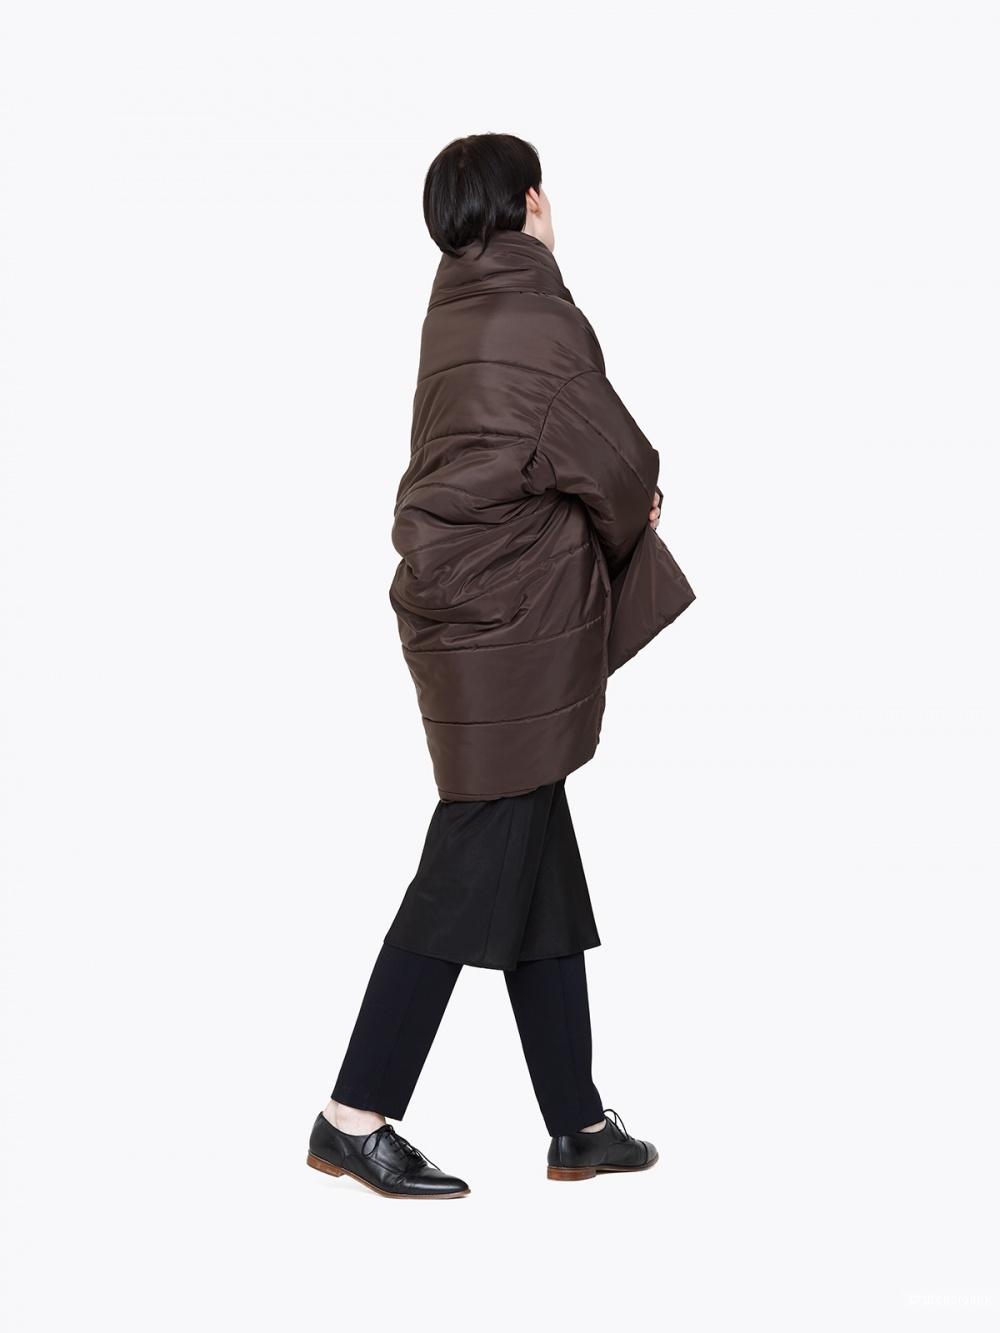 Пальто Cyrille Gassiline цвет горький шоколад. Новое. S-M размер